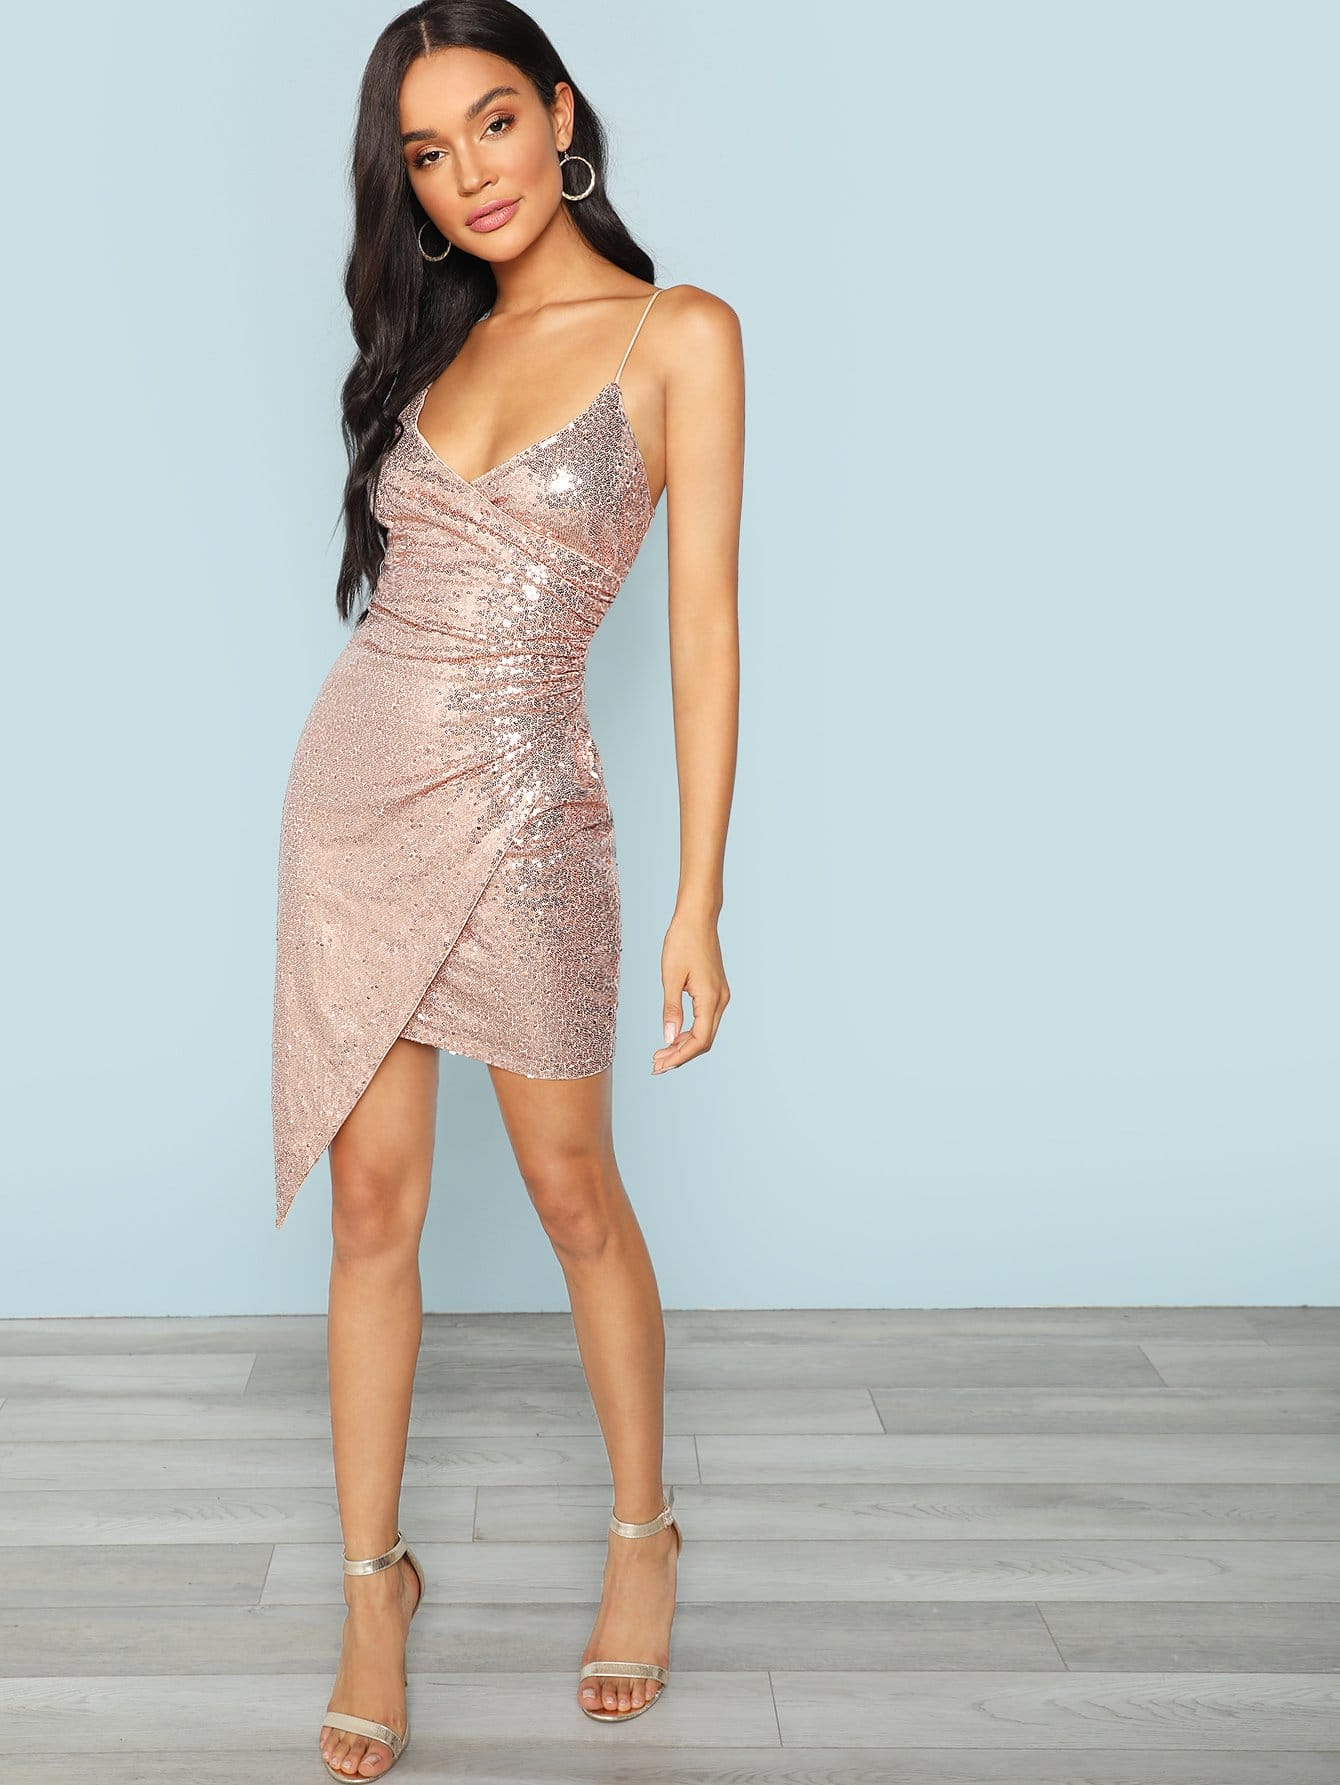 2b328c69d33569d Свадебные Платья Купить В Интернет-Магазине | Женская Одежда, Обувь ...